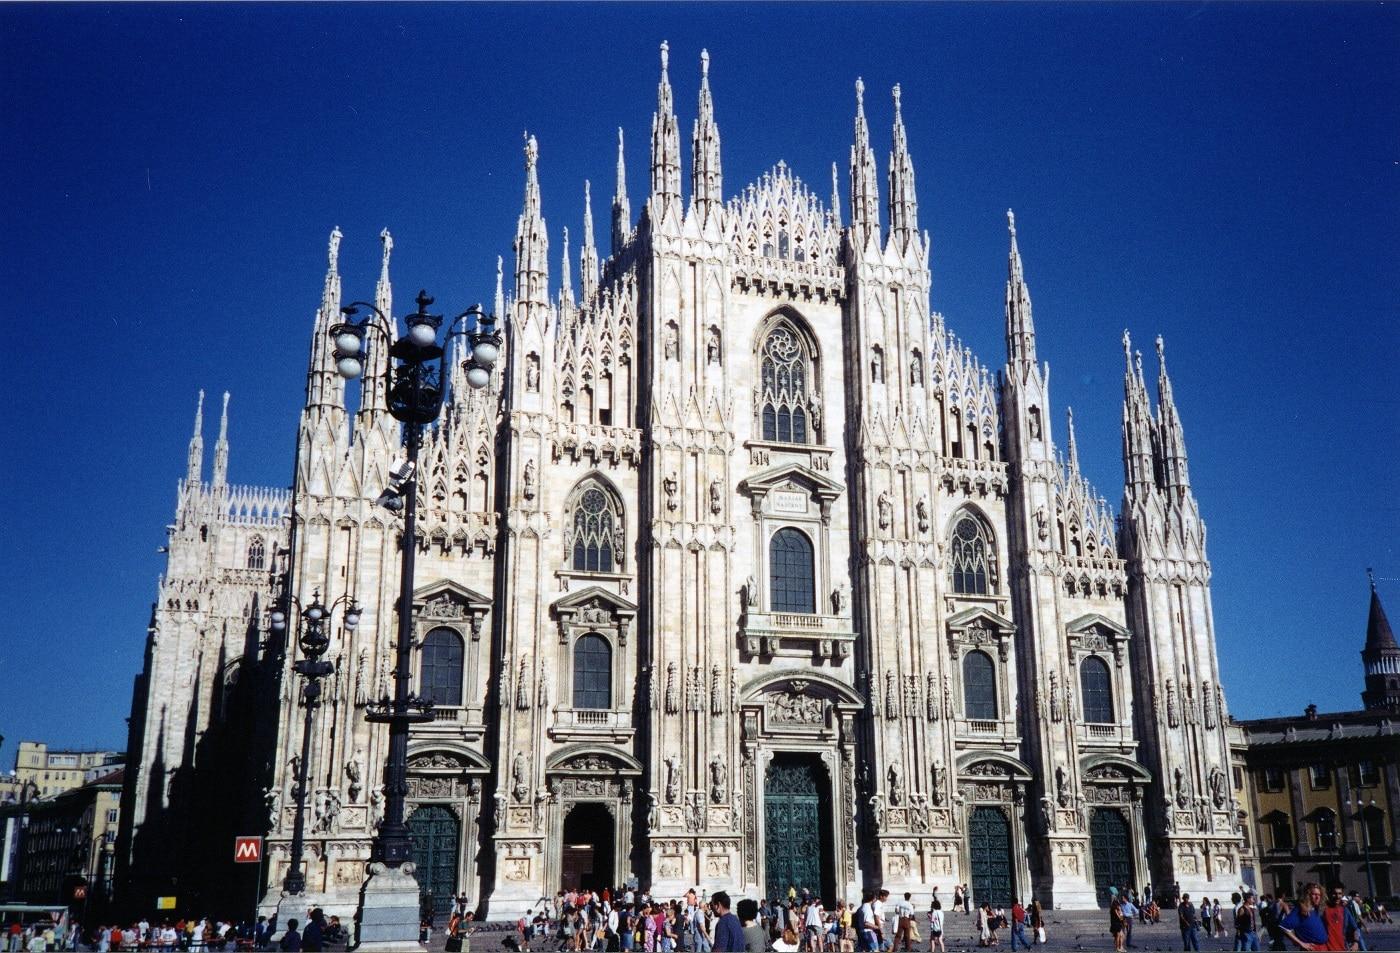 Turiștii roiesc în jurul Domului din Milano